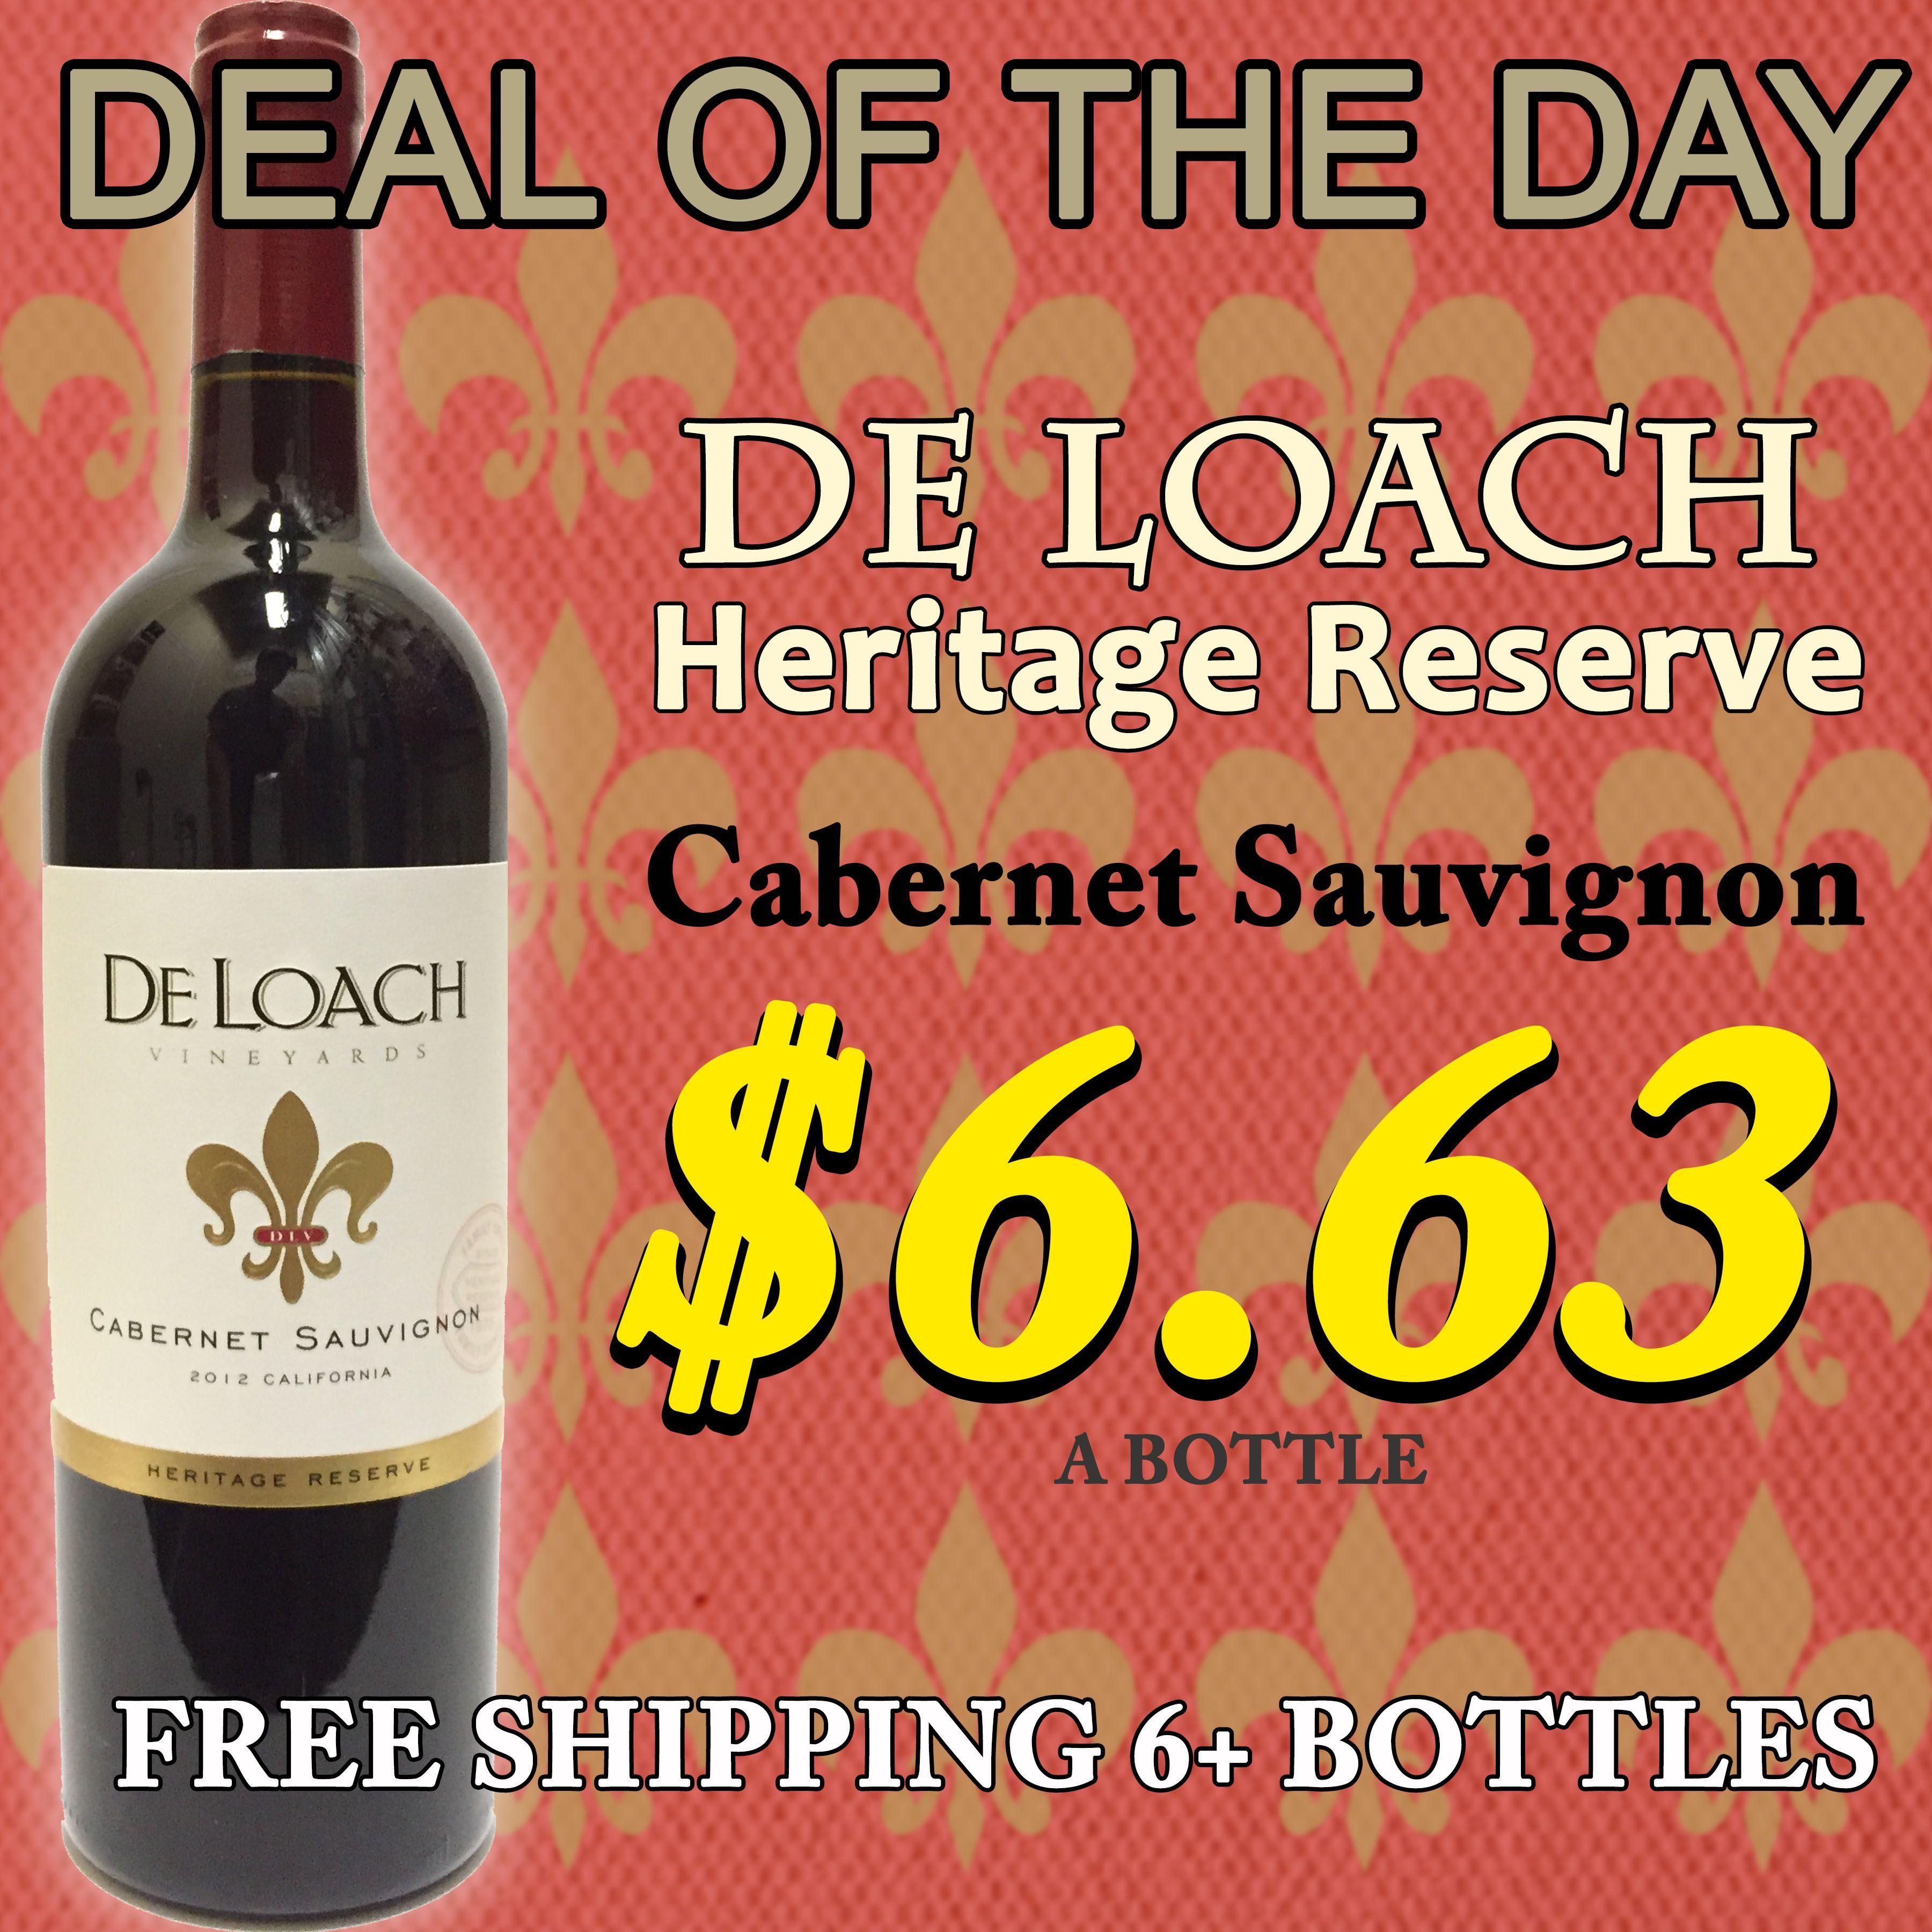 Deloach Heritage Reserve Cabernet Sauvignon Cabernet Sauvignon Cabernet Balanced Wine